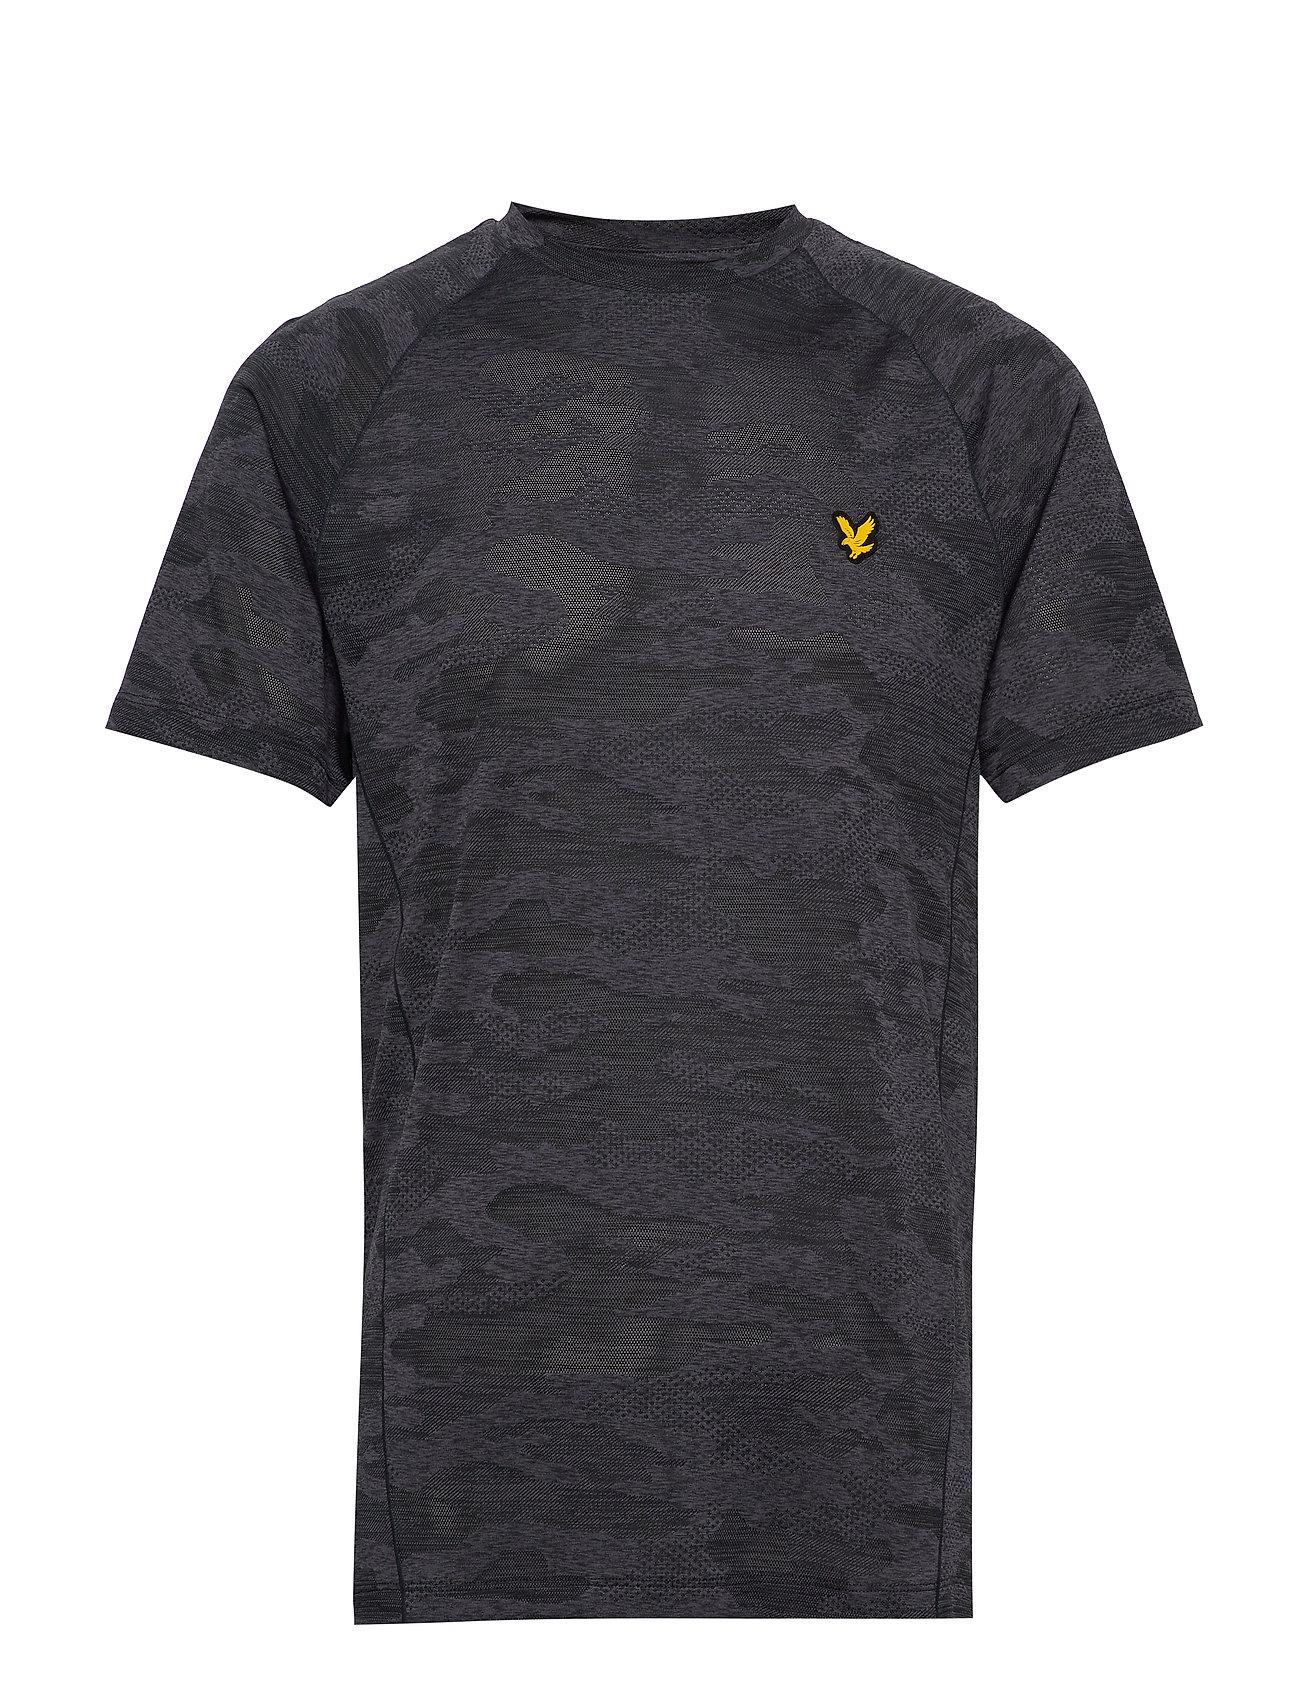 Image of Camo Sports Tee T-shirt Grå Lyle & Scott Sport (3360120589)